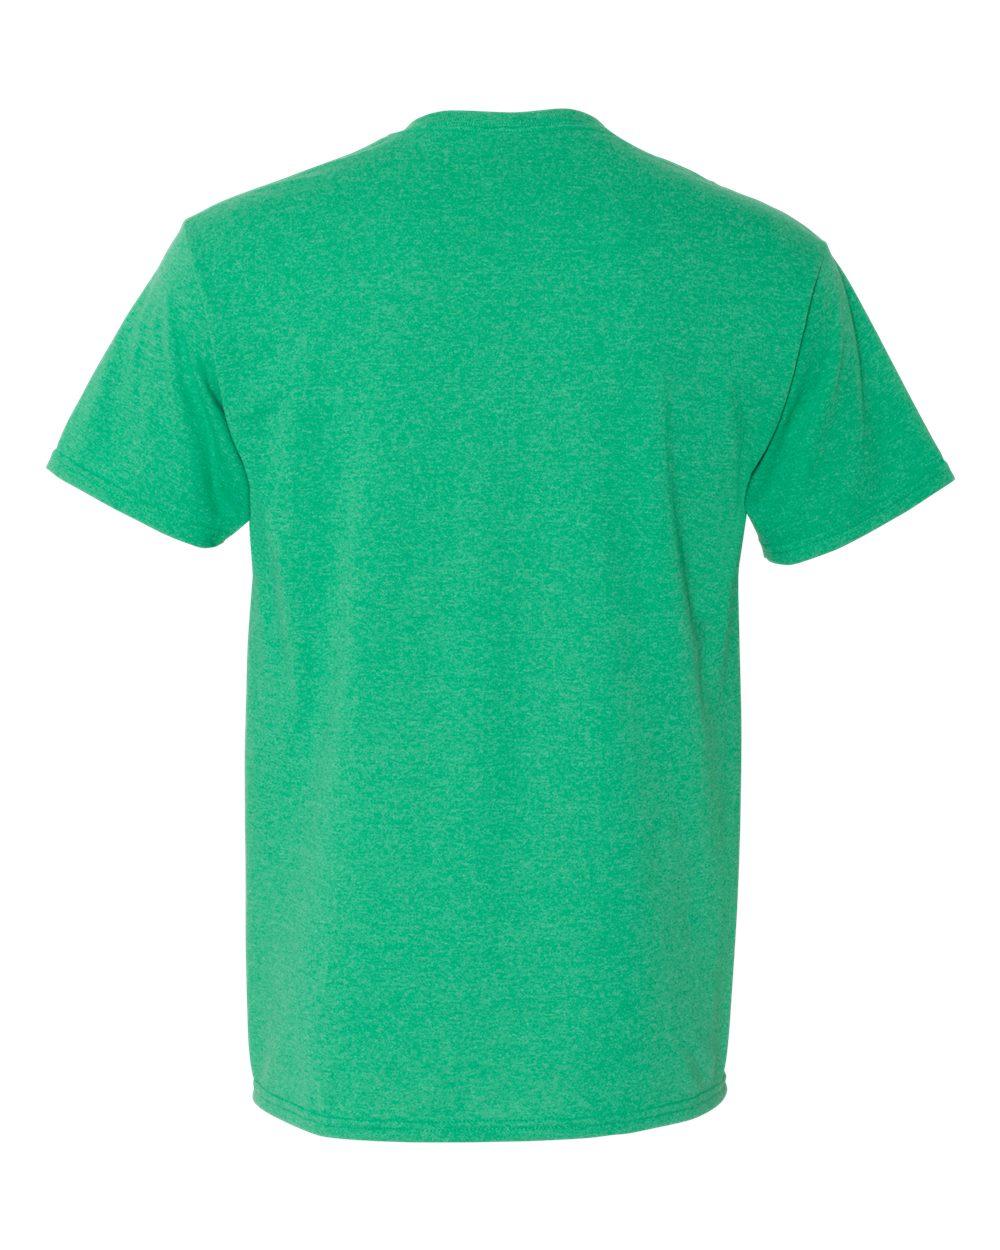 Jerzees-Men-039-s-5-6-oz-50-50-Heavyweight-Blend-T-Shirt-29M-S-4XL thumbnail 76